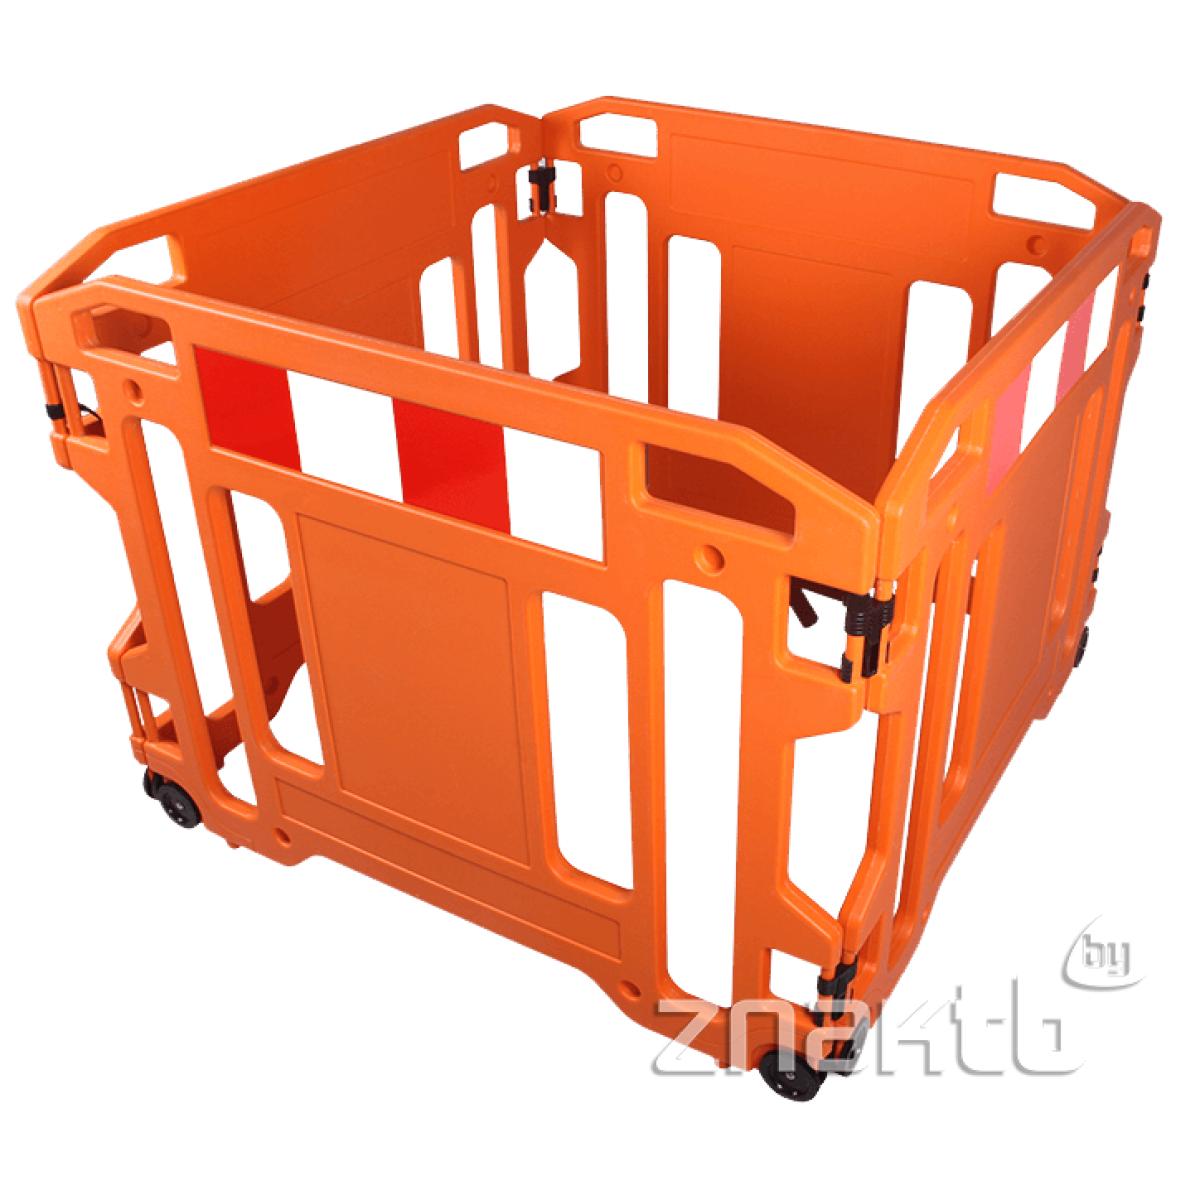 9801 Барьер складной пластиковый на колесиках х4